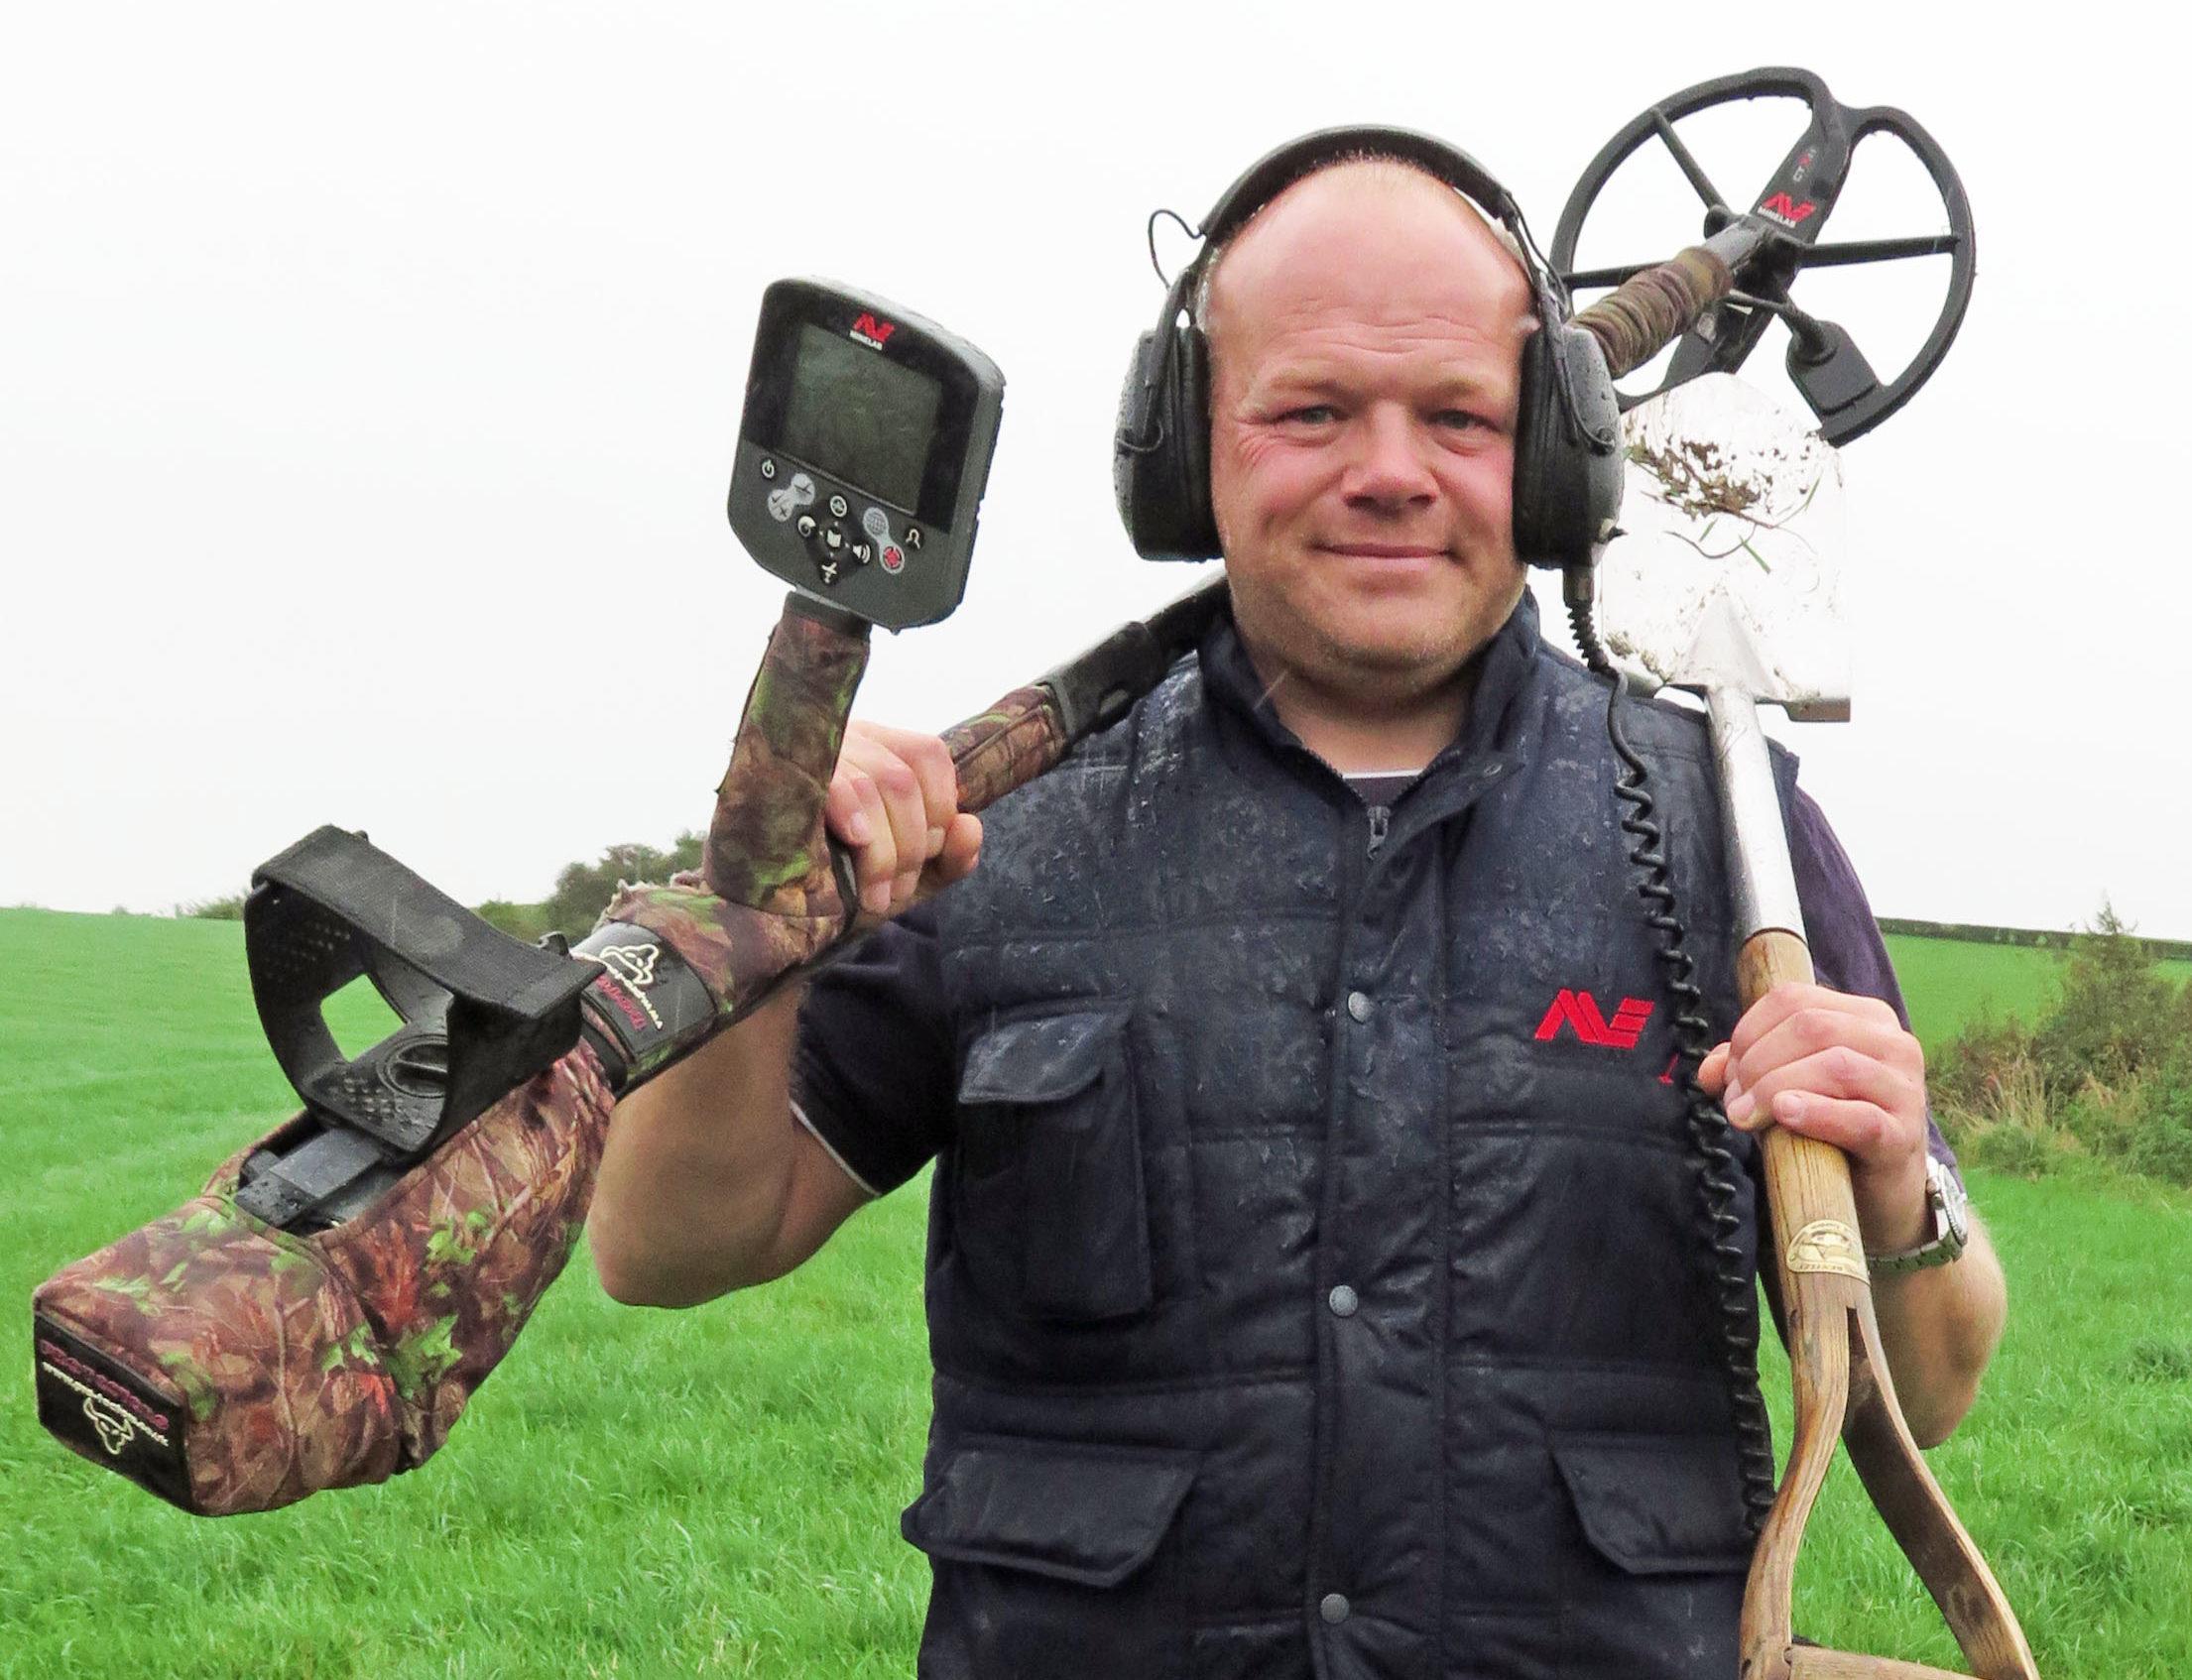 Derek McLennan with his metal detector in a field in Ayrshire